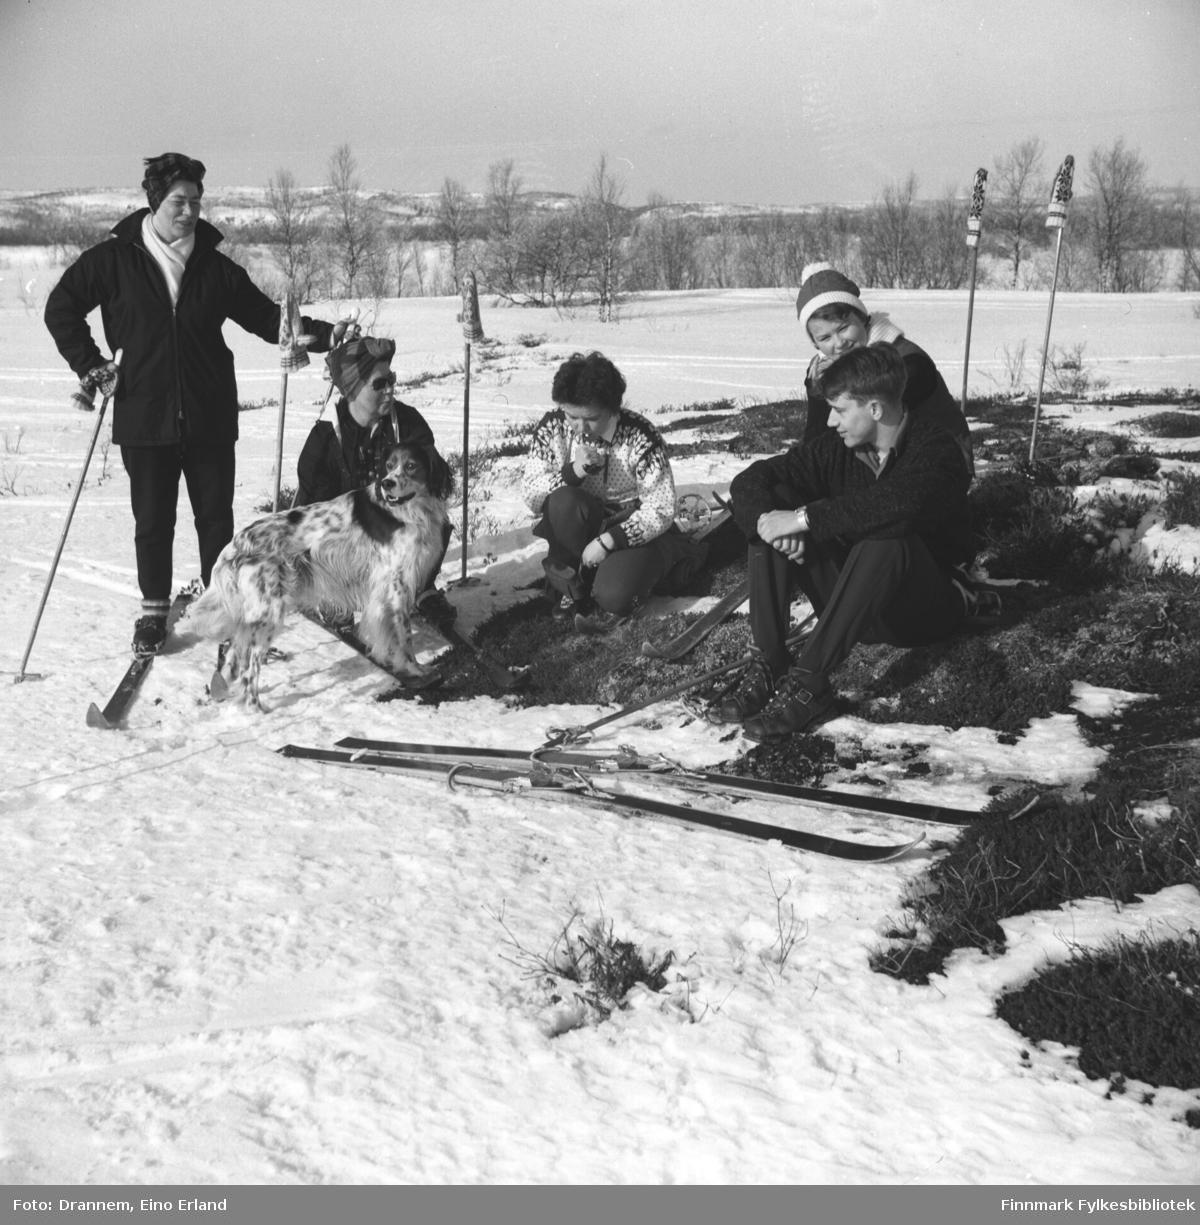 Fem personer på skitur. De er fra venstre: Jenny Drannem, Sonja Lappalainen, Maija - etternavn ukjent - , Turid Karikoski, Gunnar Gabrielsen og hunden Rexi.